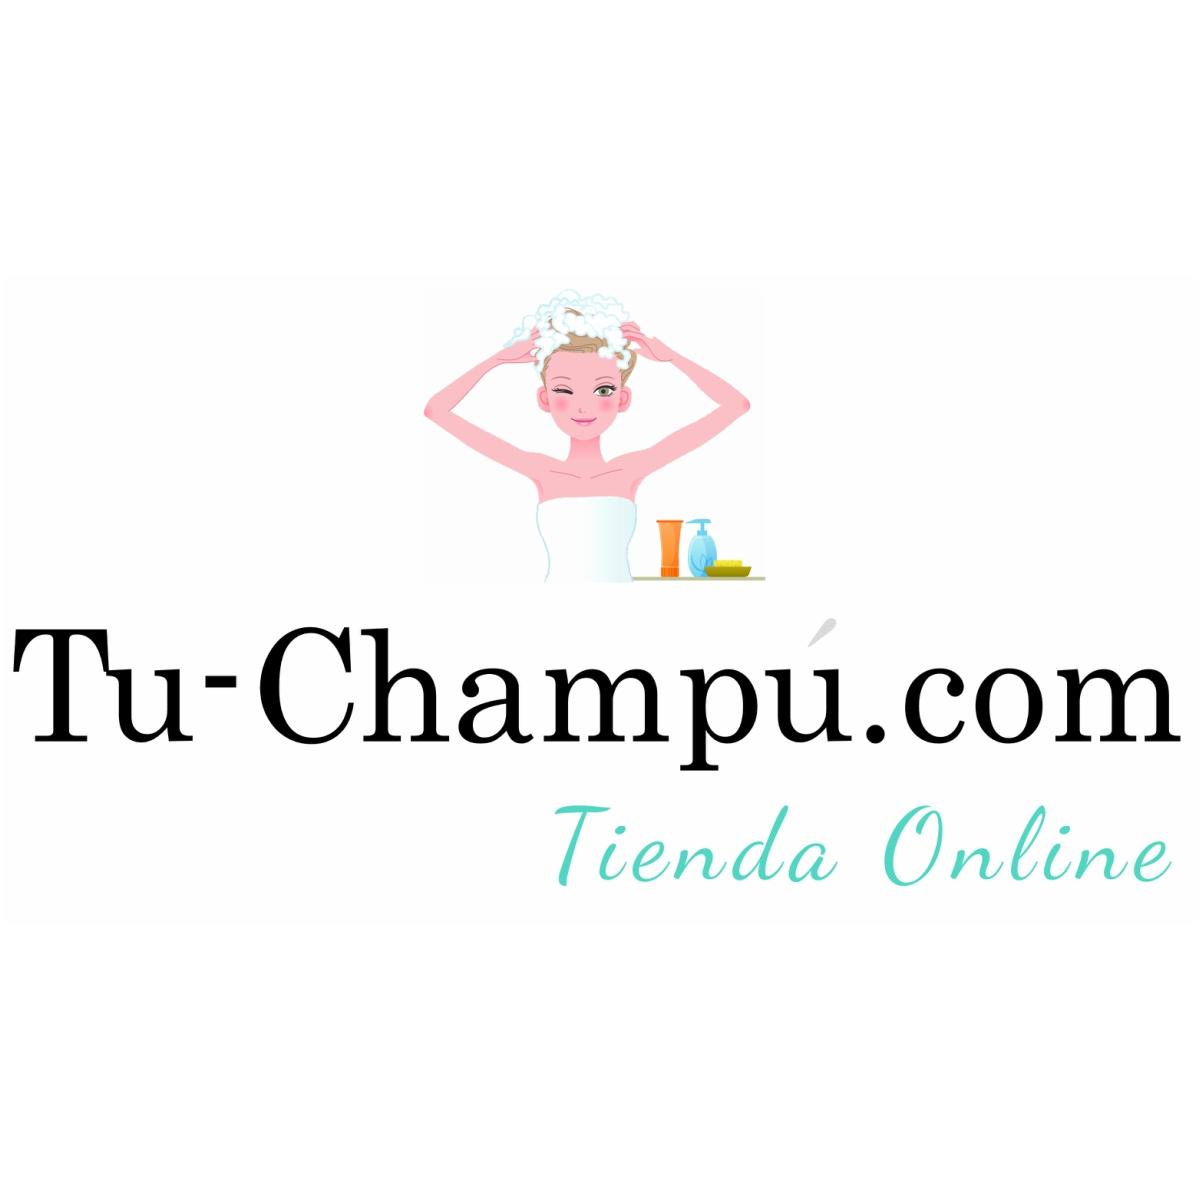 tu-champu.com logo